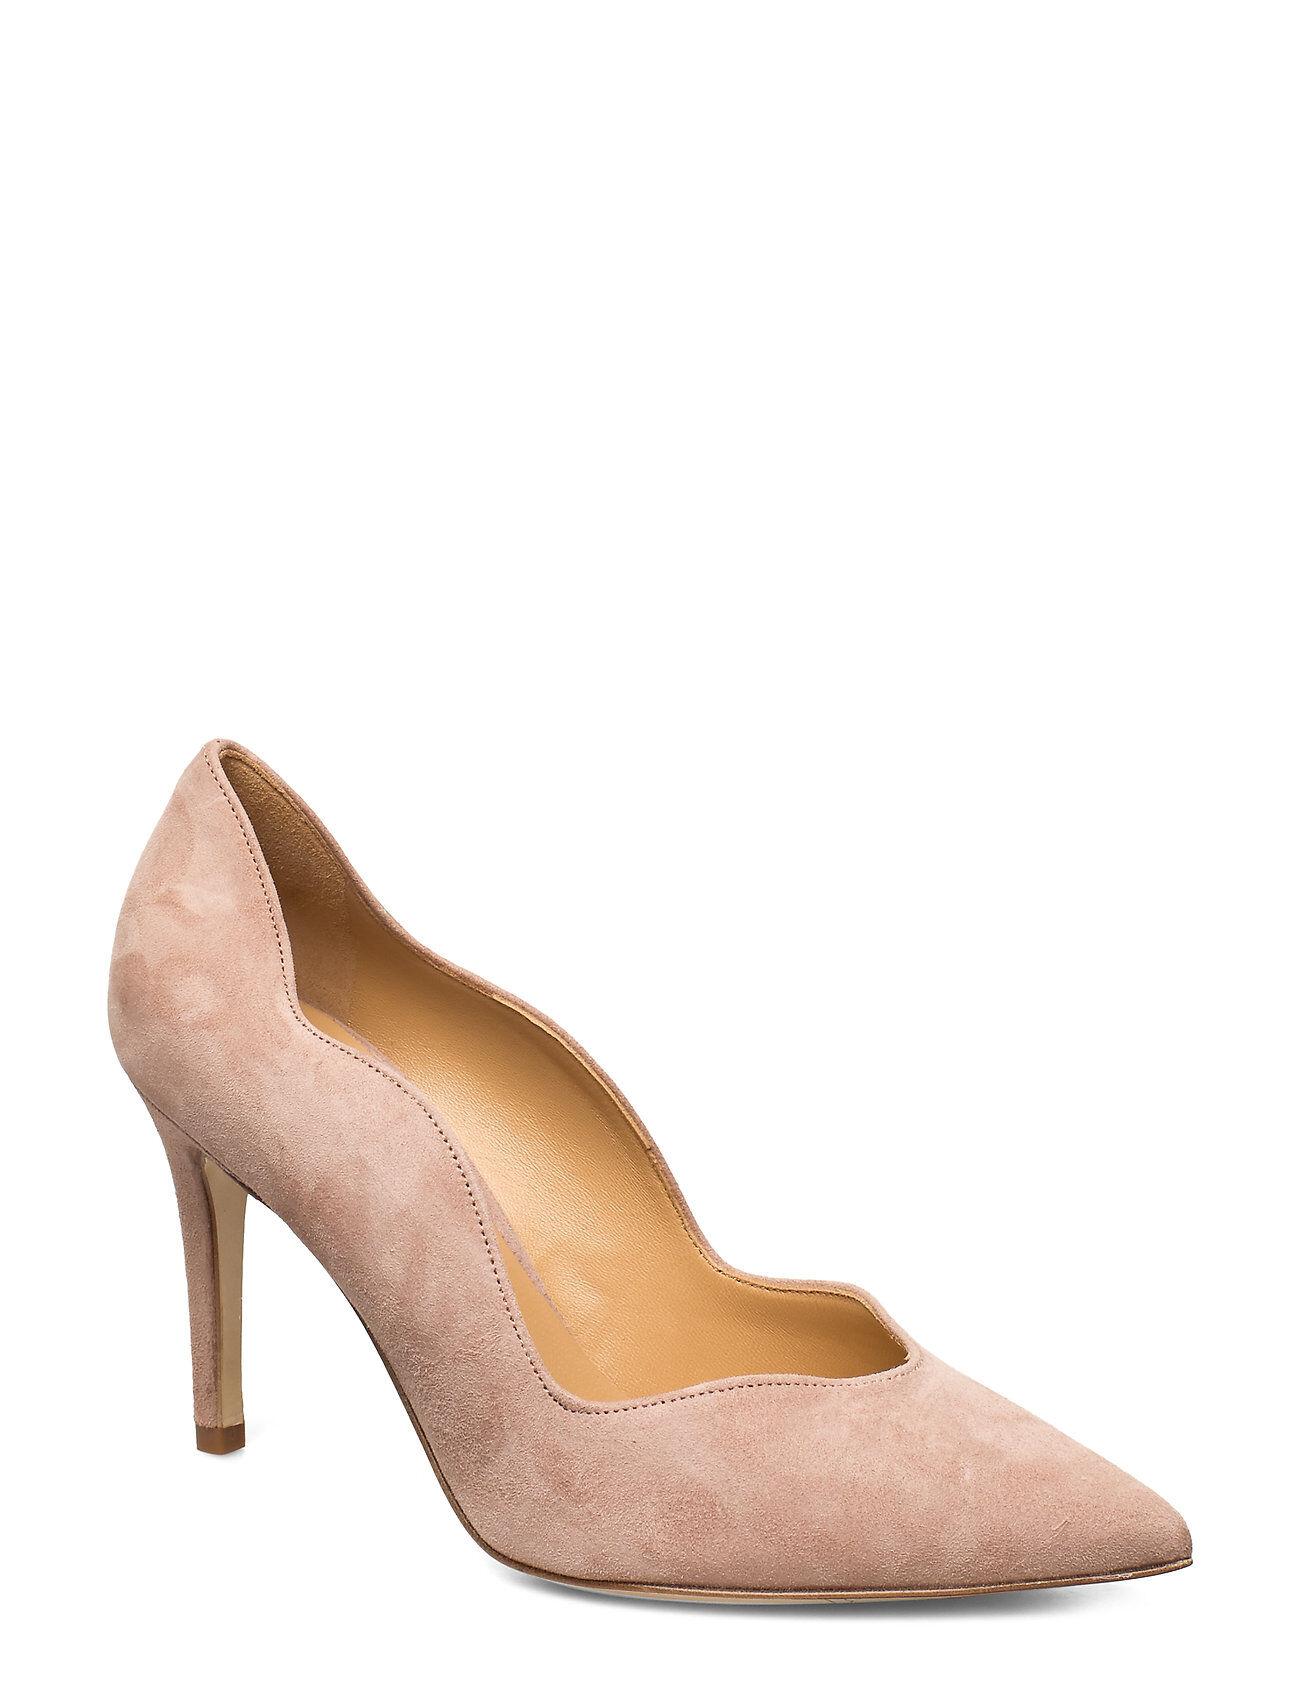 Apair Wave Pump High Shoes Heels Pumps Classic Beige Apair